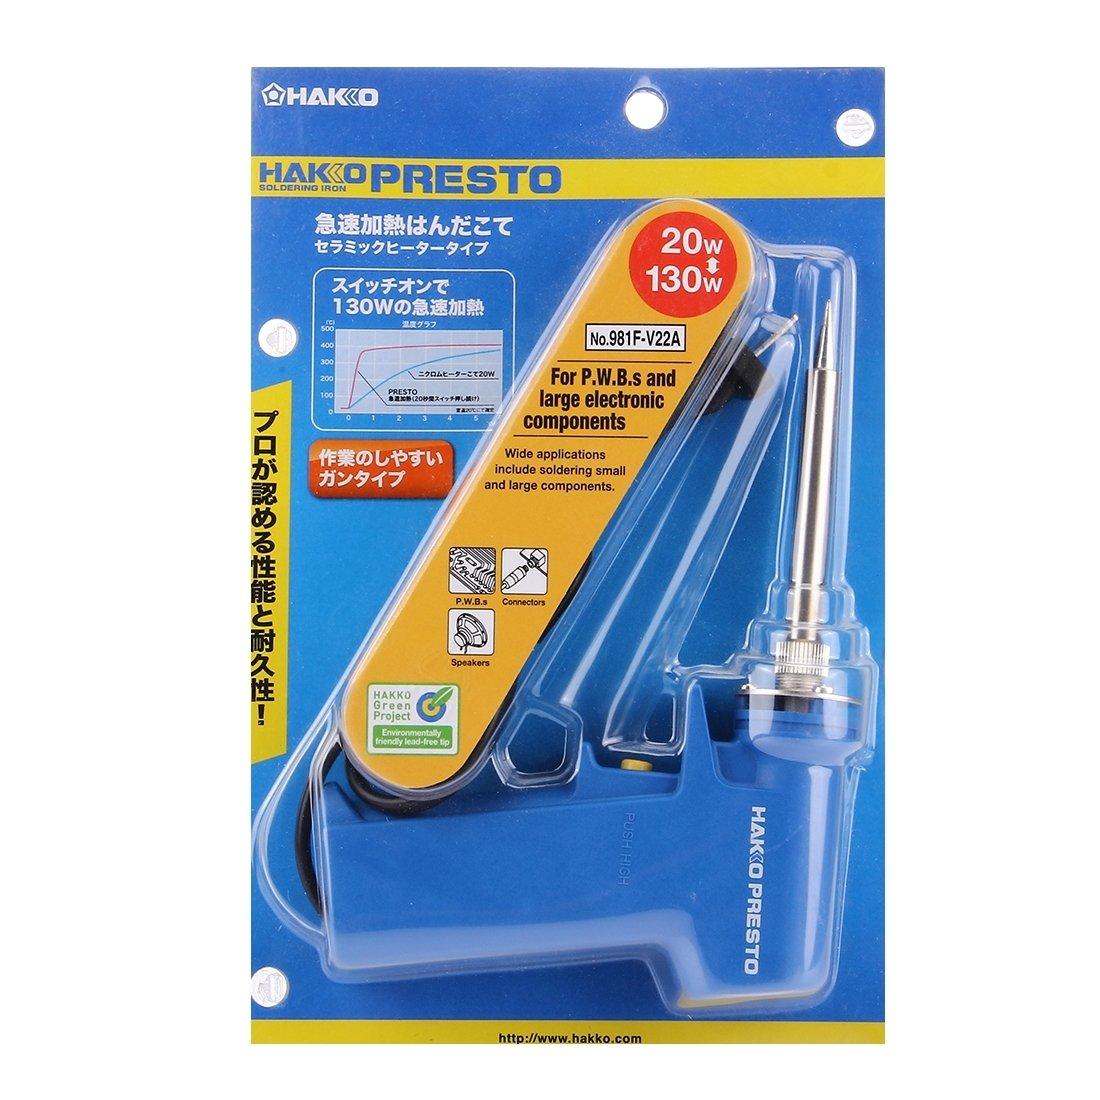 herramientas manuales, 981F-V22A AC 220V 20W / 130W Ajustable de mano de hierro de soldadura eléctrico, enchufe de EE. UU.: Amazon.es: Bricolaje y ...